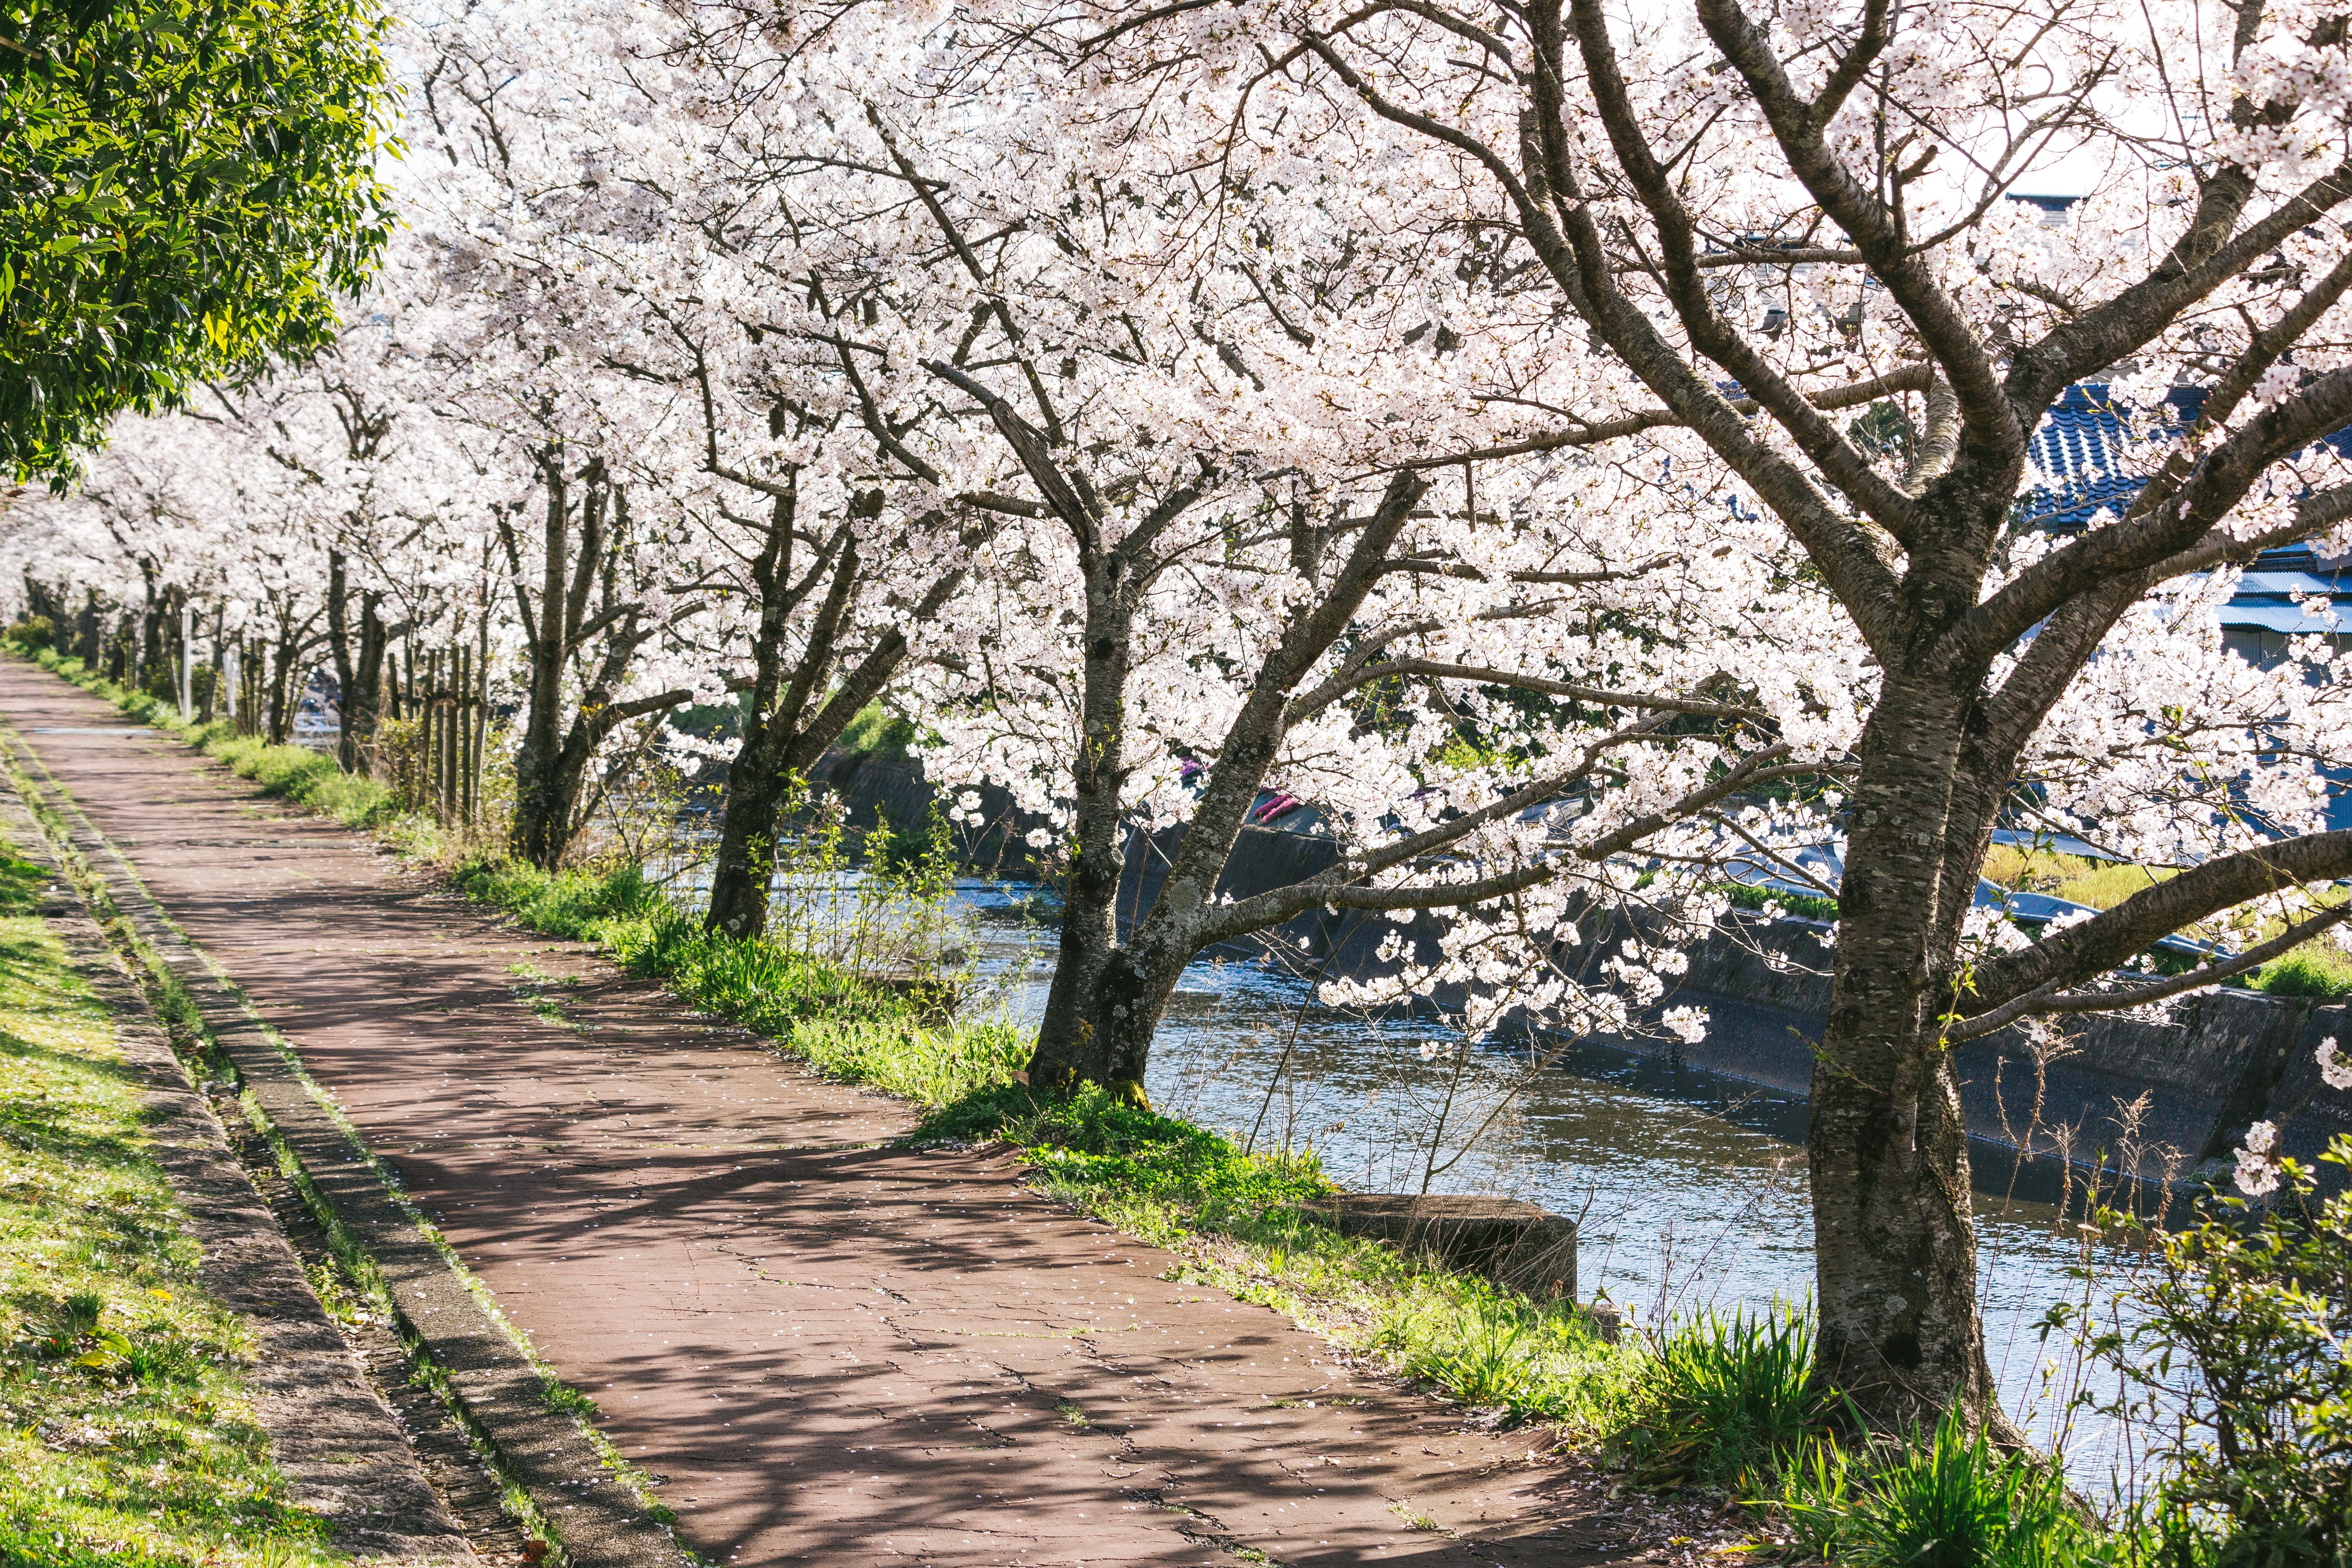 満開の桜並木 無料の写真素材はフリー素材のぱくたそ